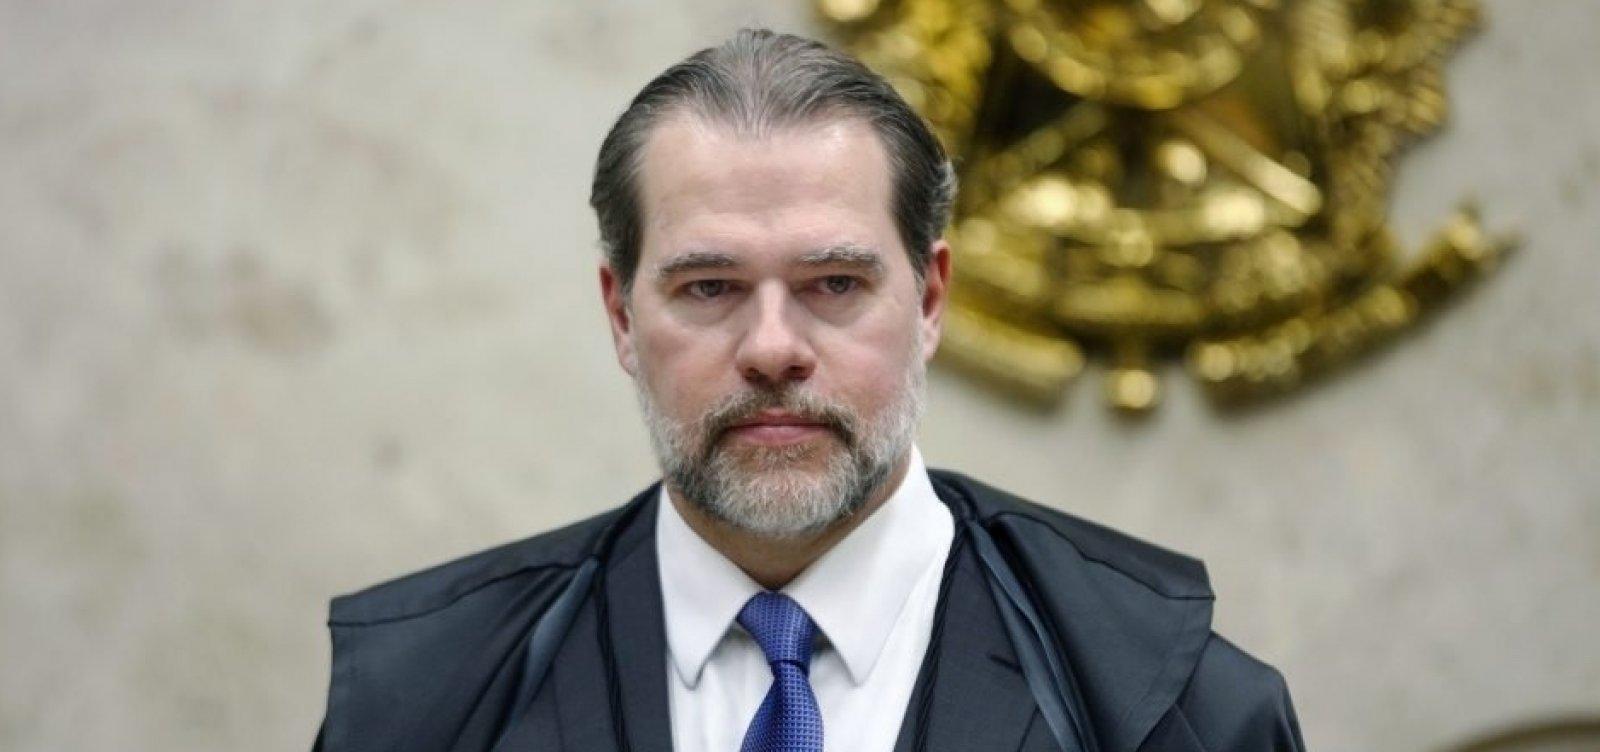 [Toffoli prorroga investigação contra ataques ao STF por 90 dias]